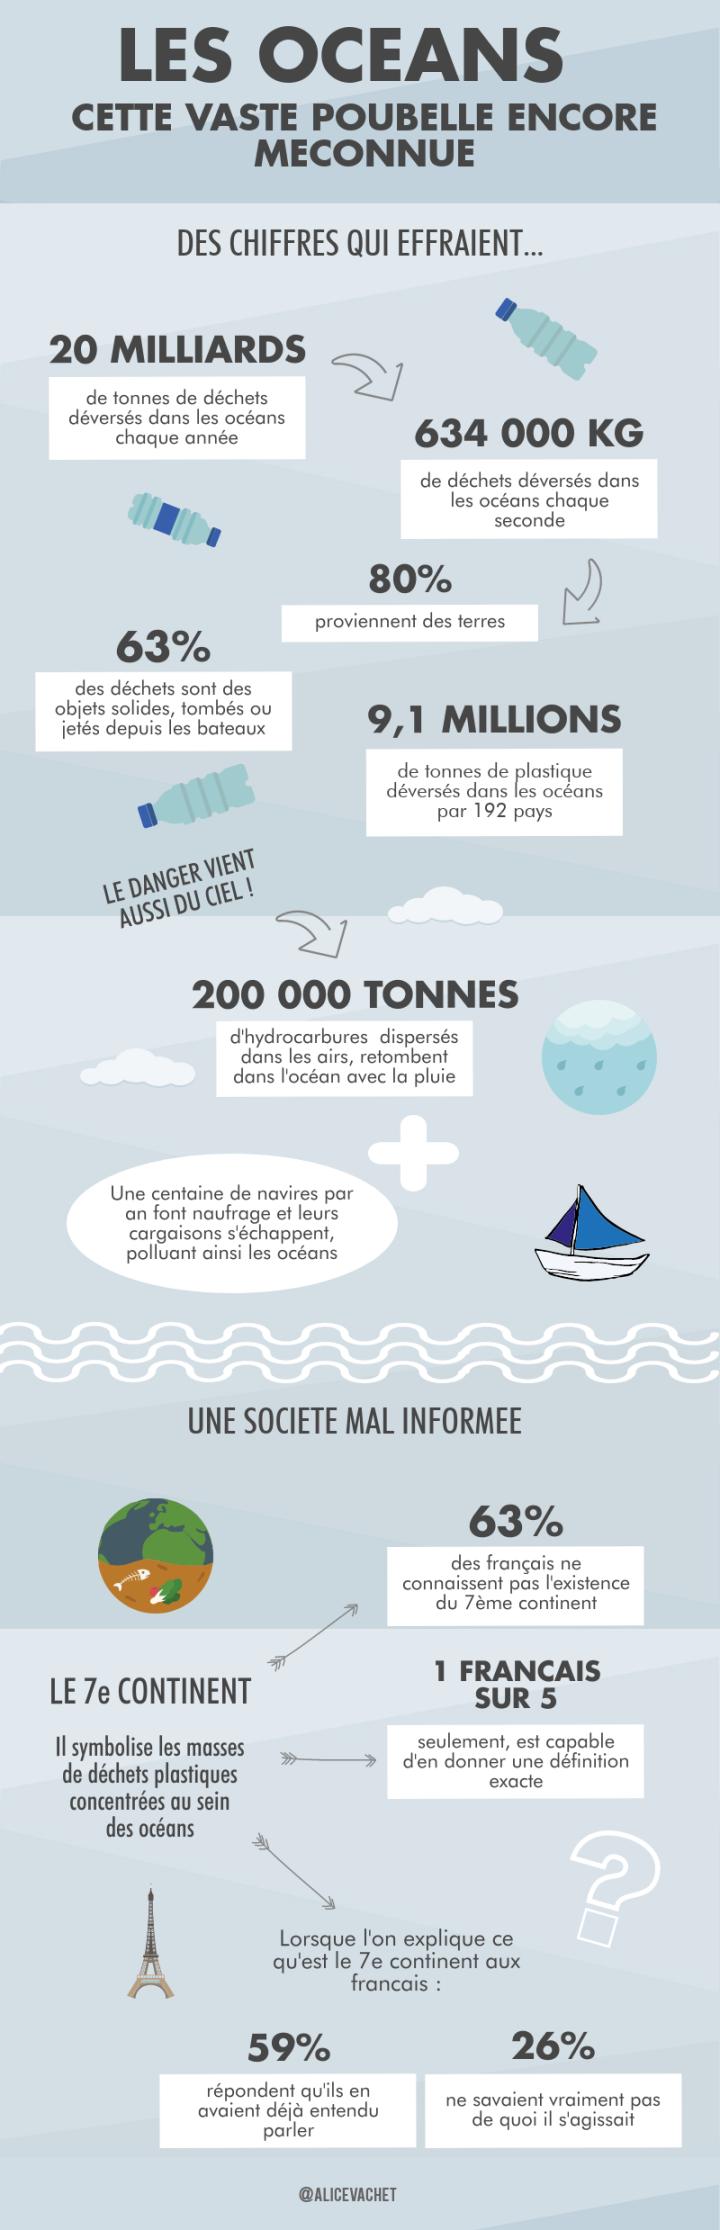 [INFOGRAPHIE] ECOLOGIE : Les Océans : cette vaste poubelle encoreméconnue